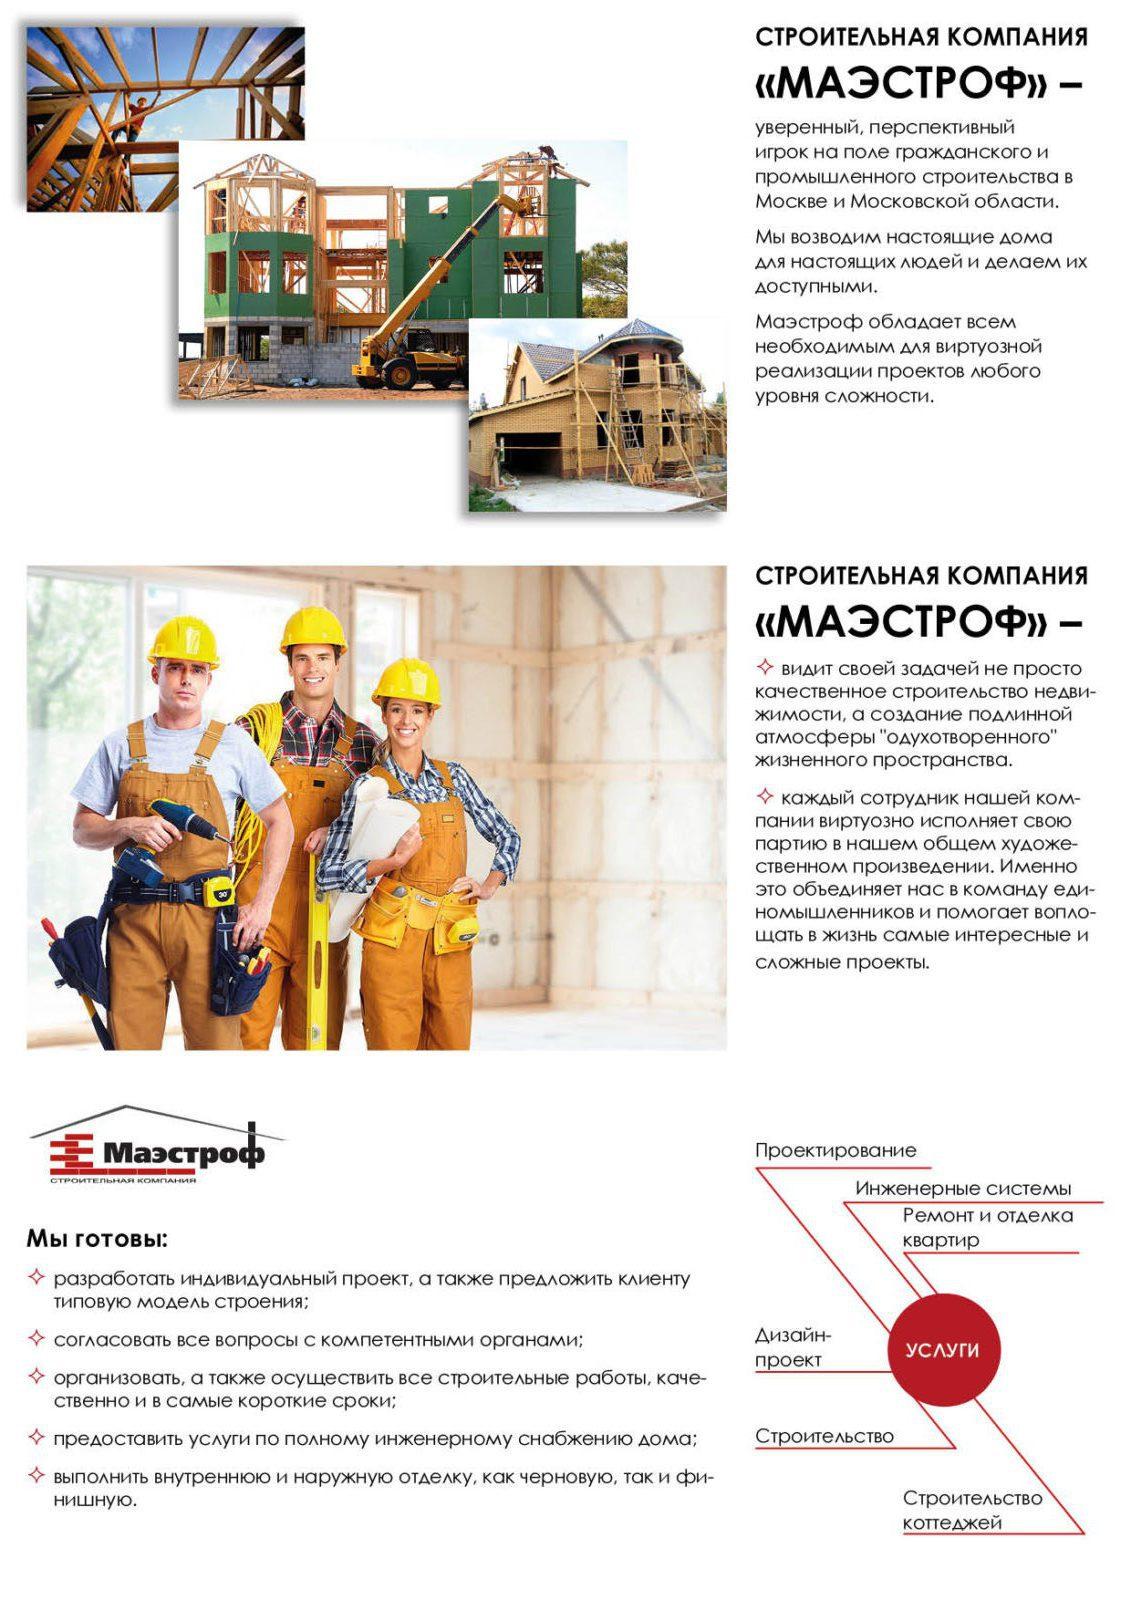 ООО Маэстроф - проектирование и строительство - лучшие! 3